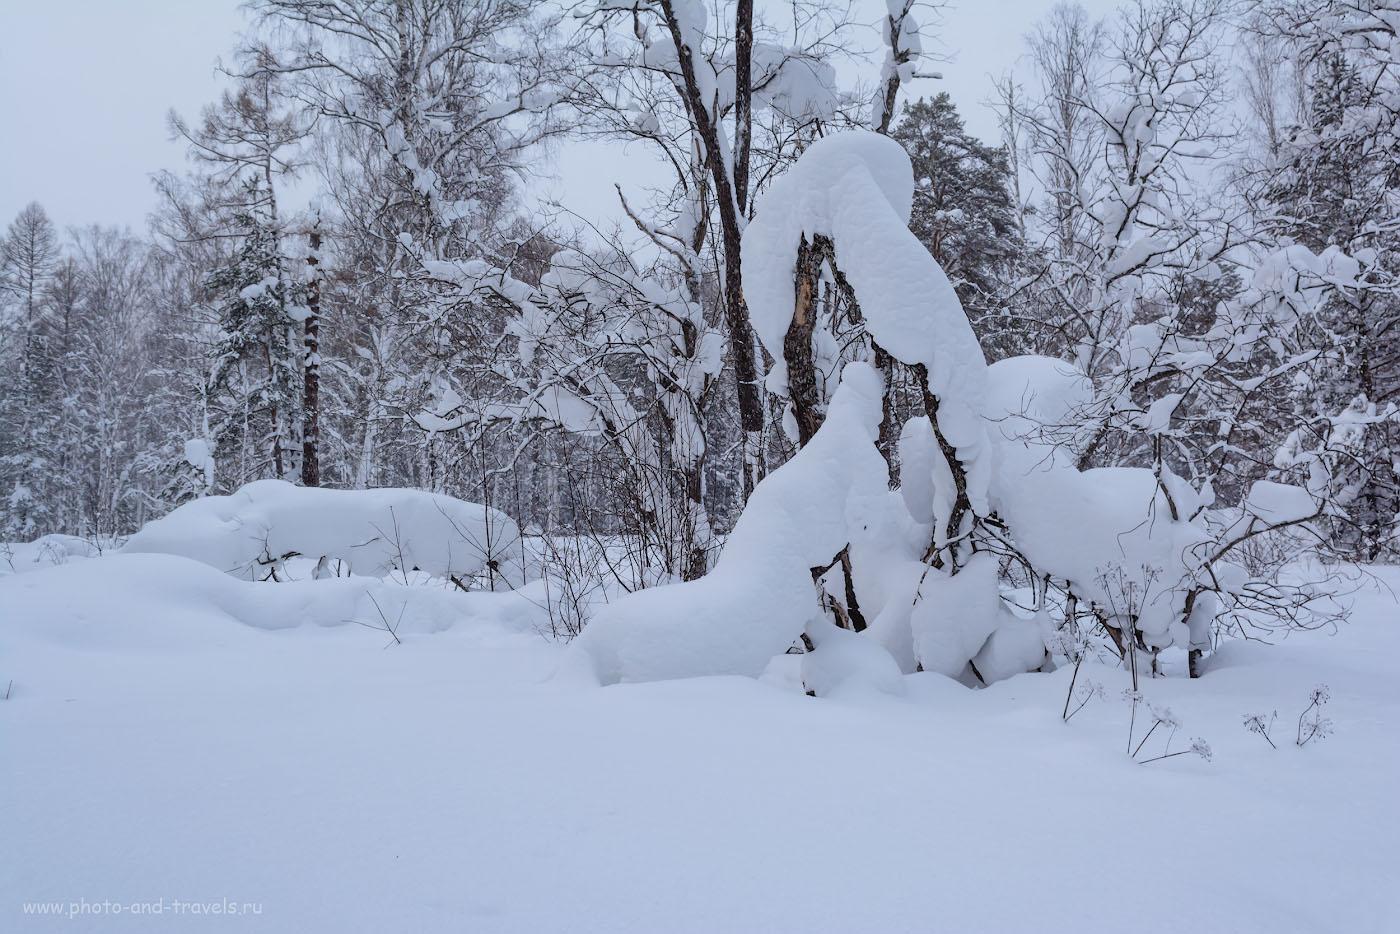 Фото 31. Зимние скульптуры. Отзывы владельцев об объективе Nikon 17-55mm f/2.8G. 1/100, 8.0, 320, 23.